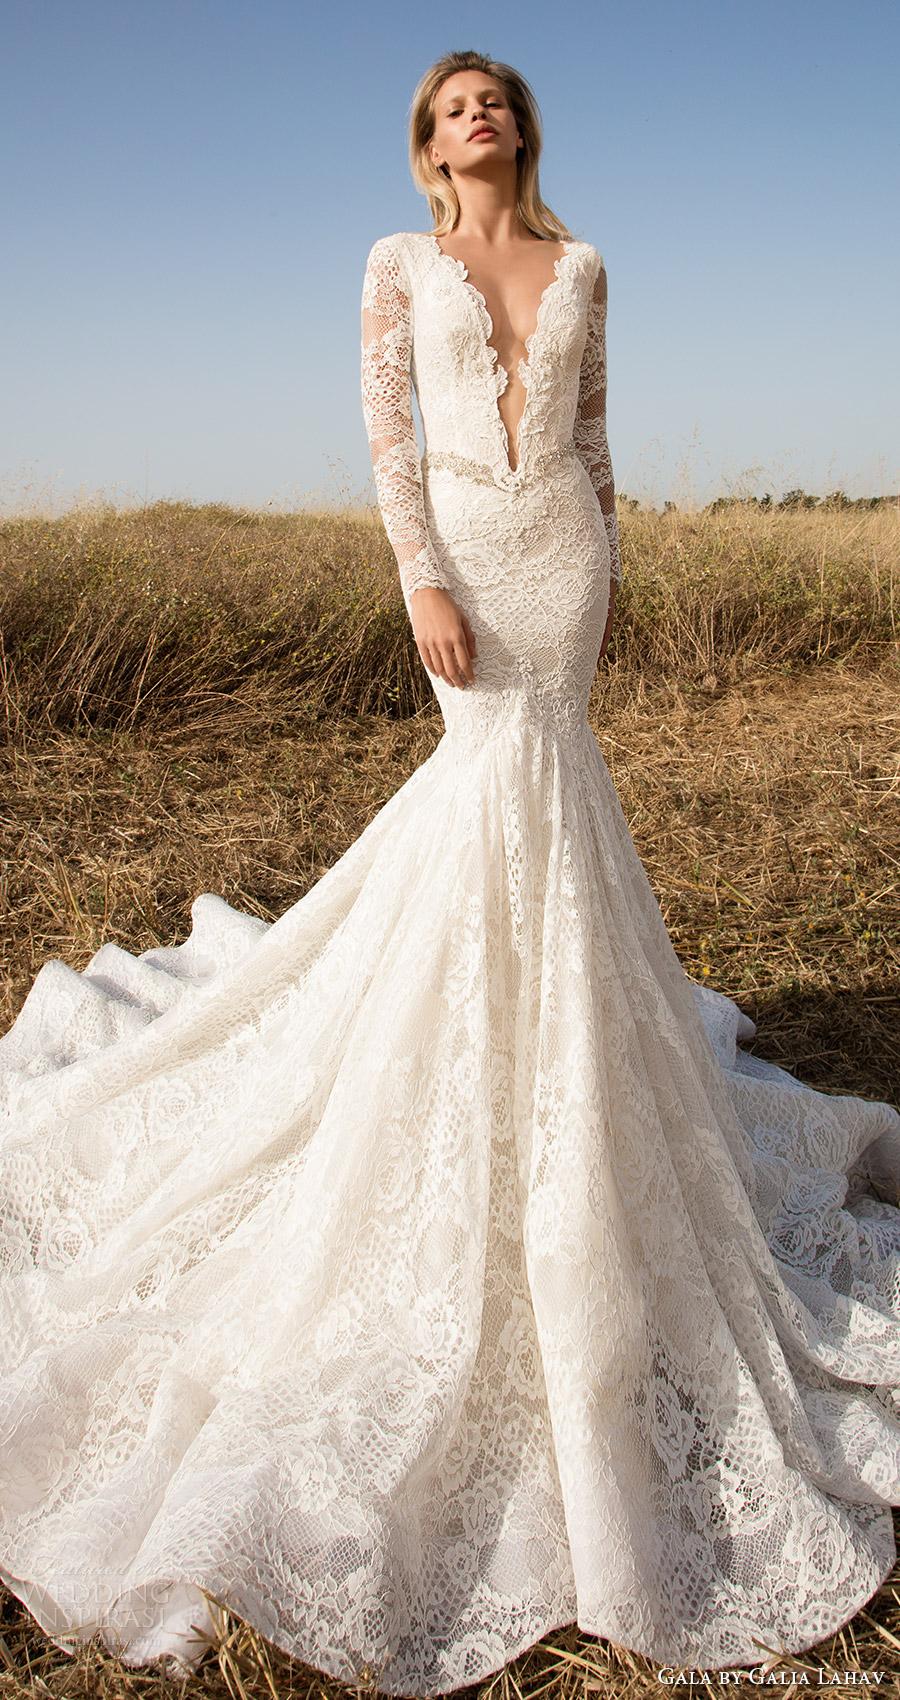 vestido de novia de encaje sirena profunda vneck mangas largas gala galia Lahav primavera 2017 ilusión (703) tren mv